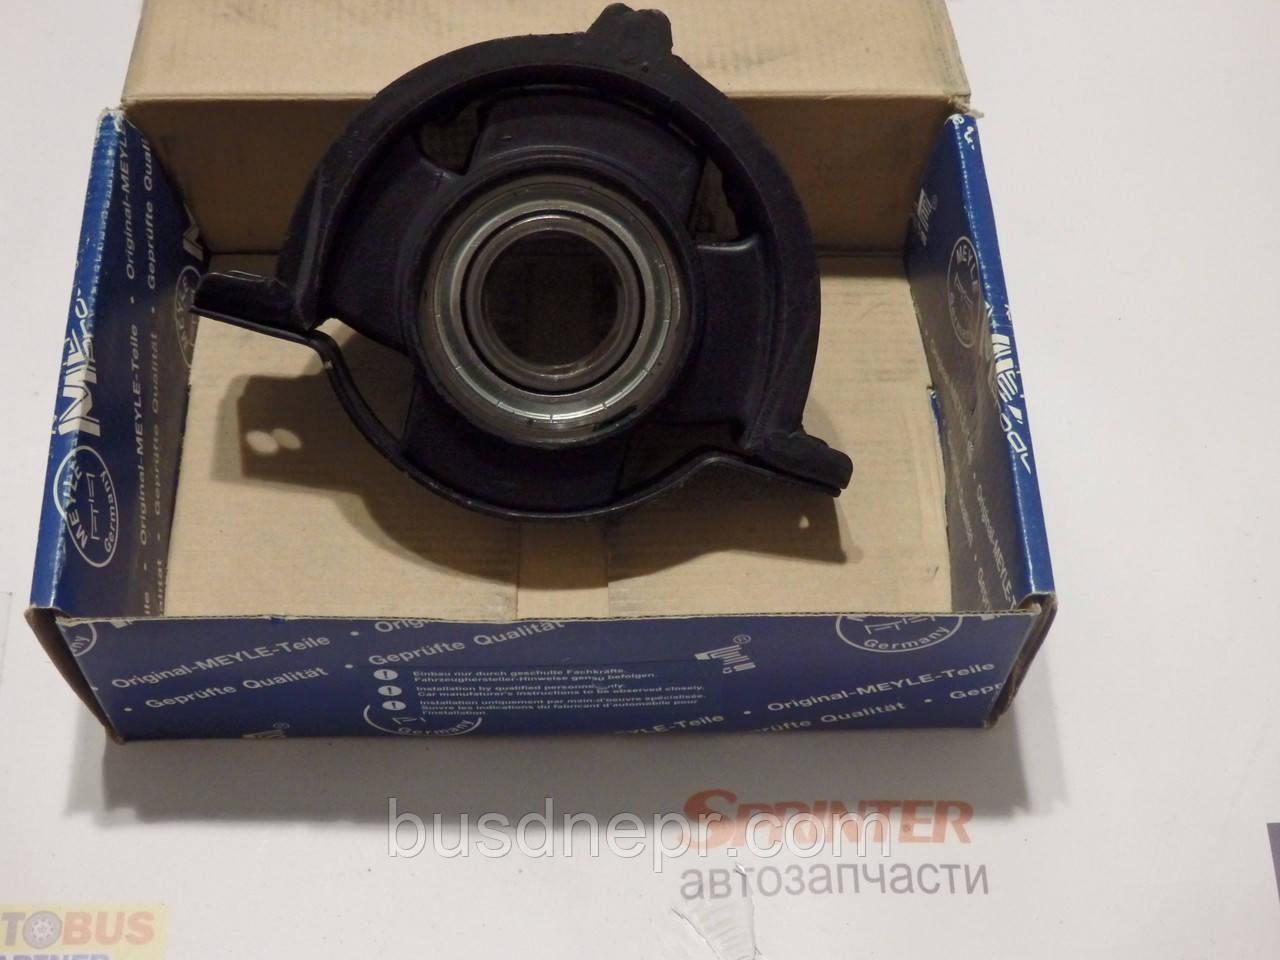 Підшипник підвісний(з підшипником) MB508-608D, d=35mm пр-во Meyle 0340410004/S